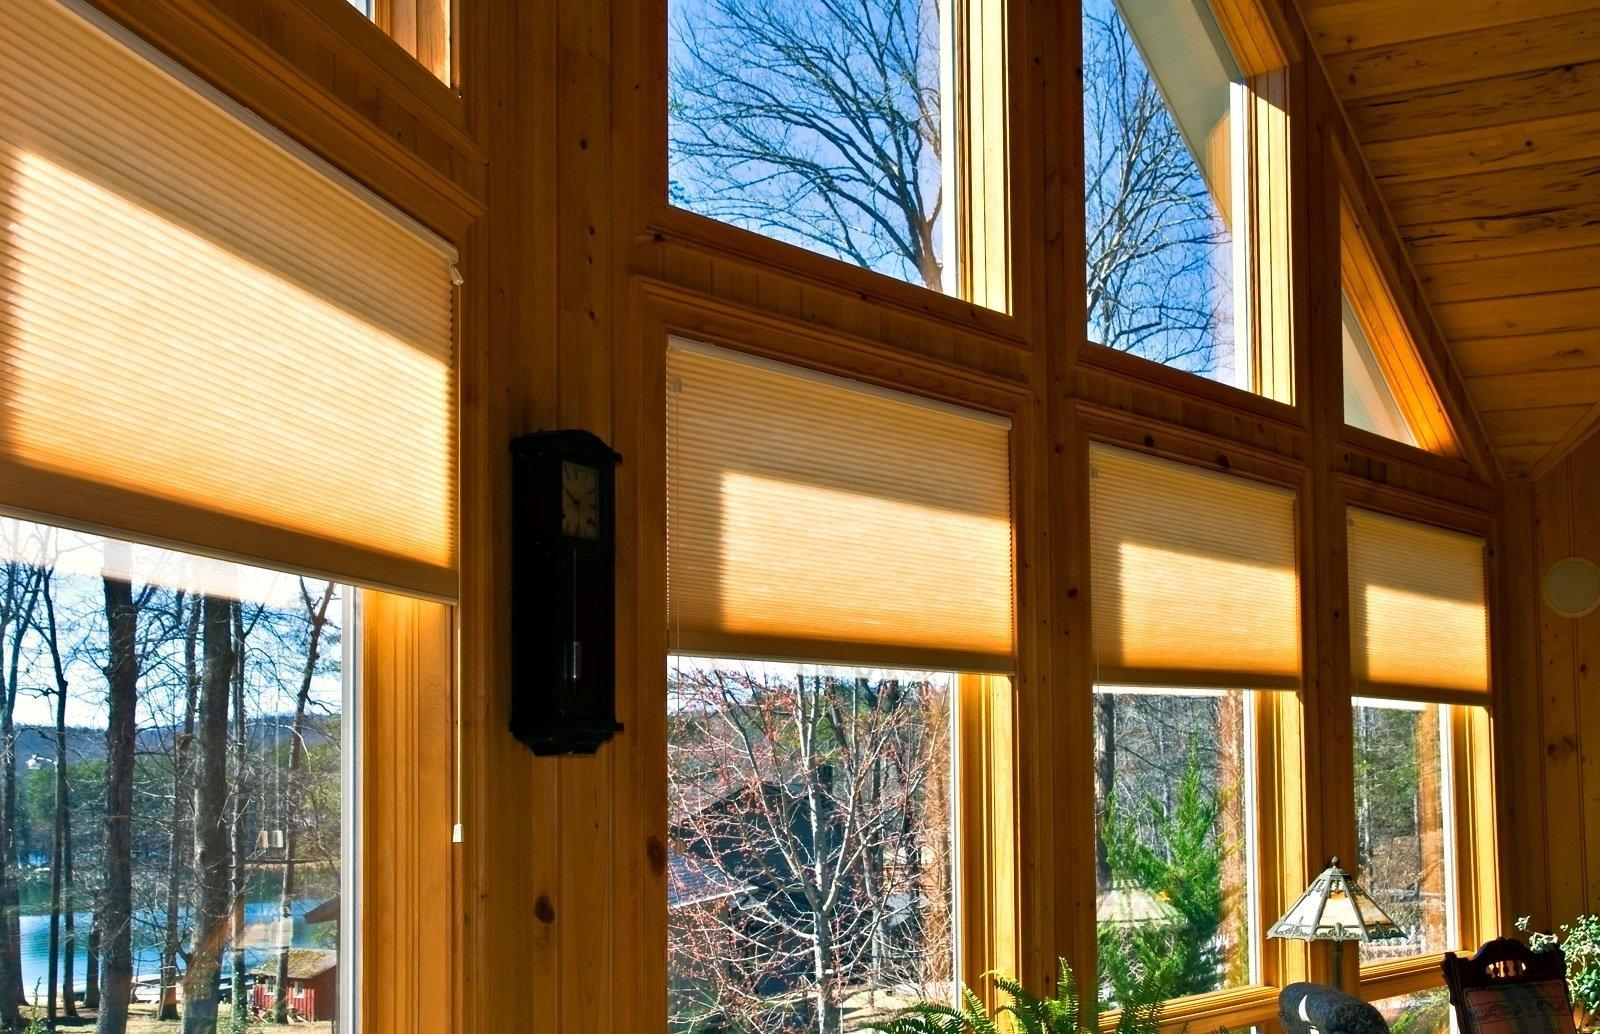 delle finestre di una casa in legno